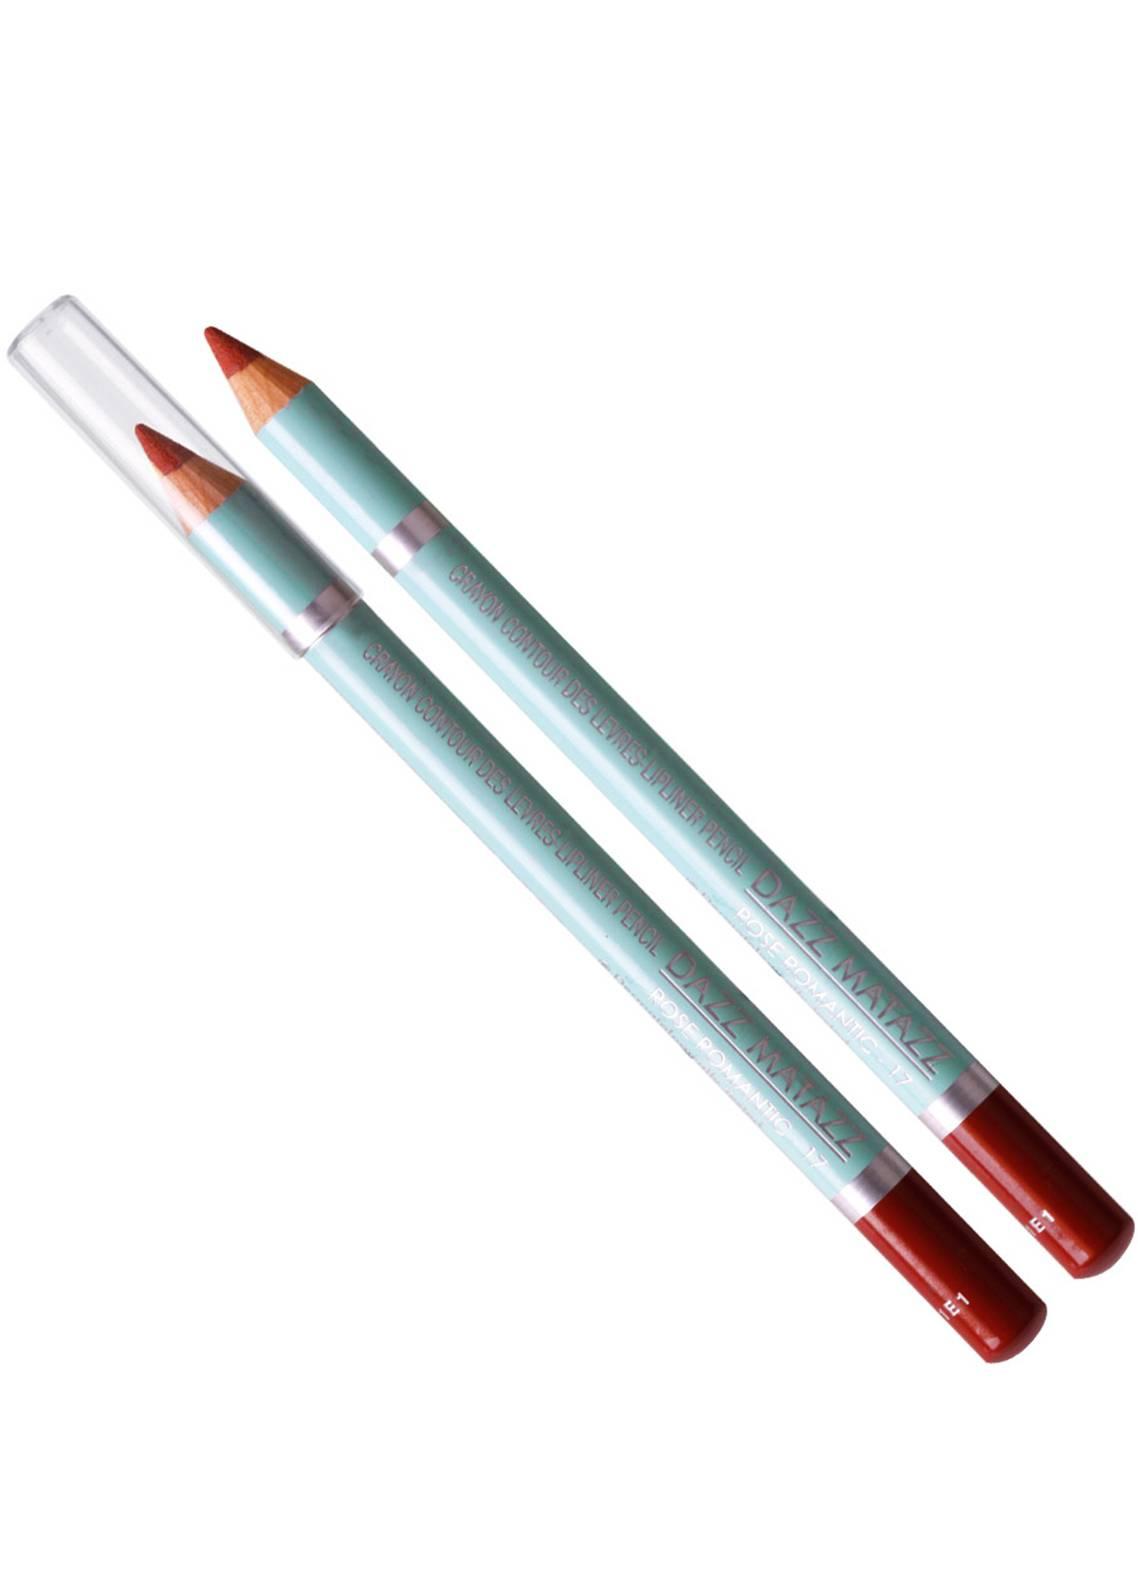 Dazz Matazz Lip Liner Pencil-17 ROSE ROMANTIC